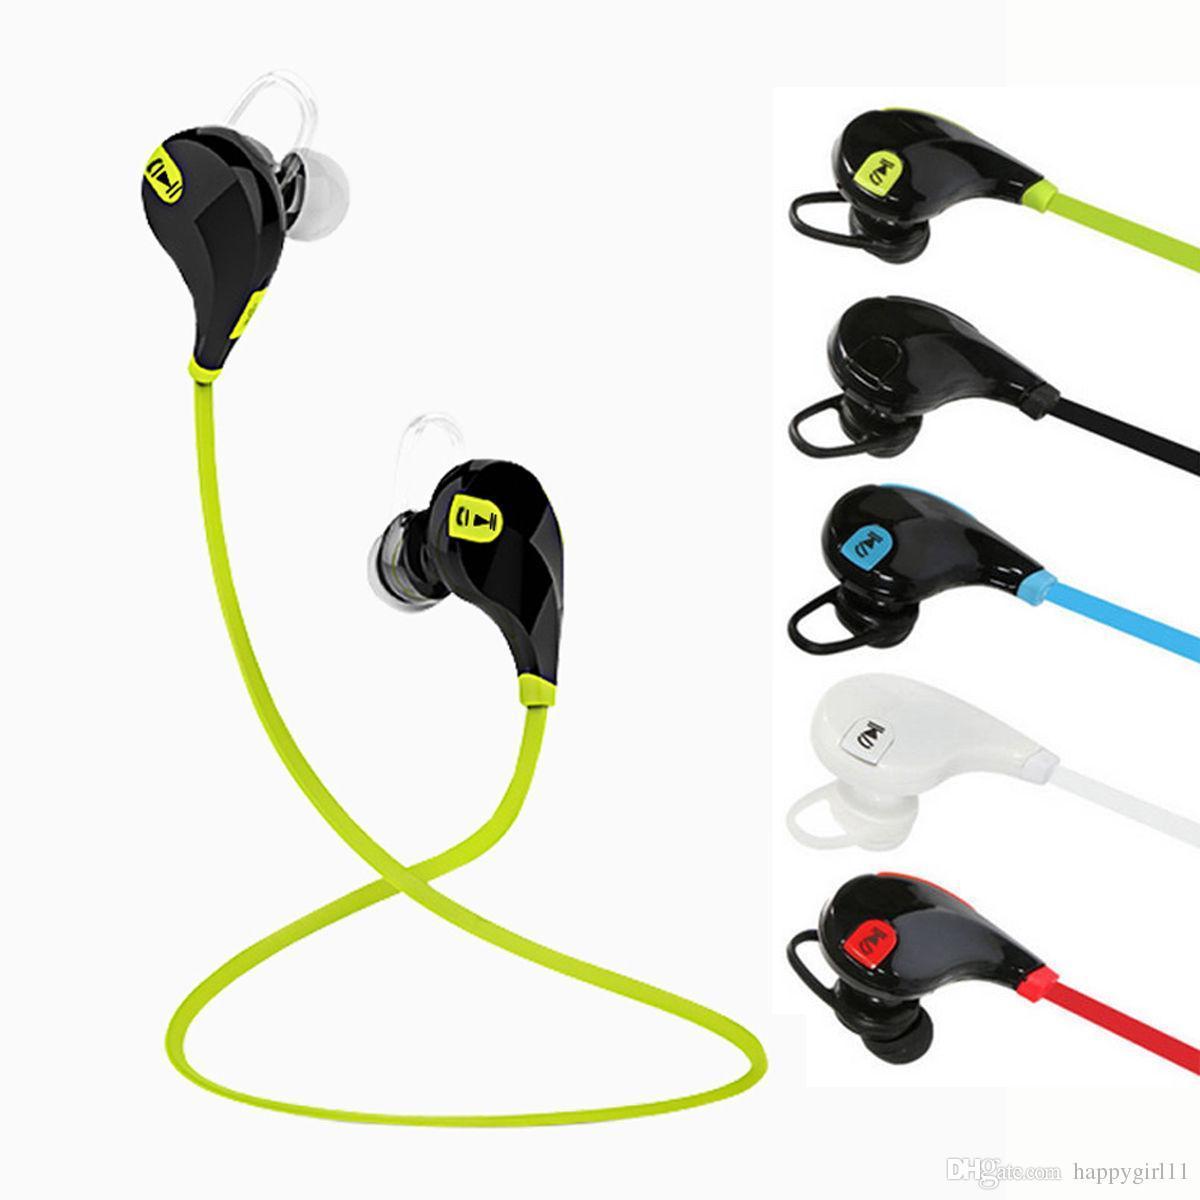 Ecouteur casque sport sans fil Bluetooth pour iPhone Samsung U11 grosses prix